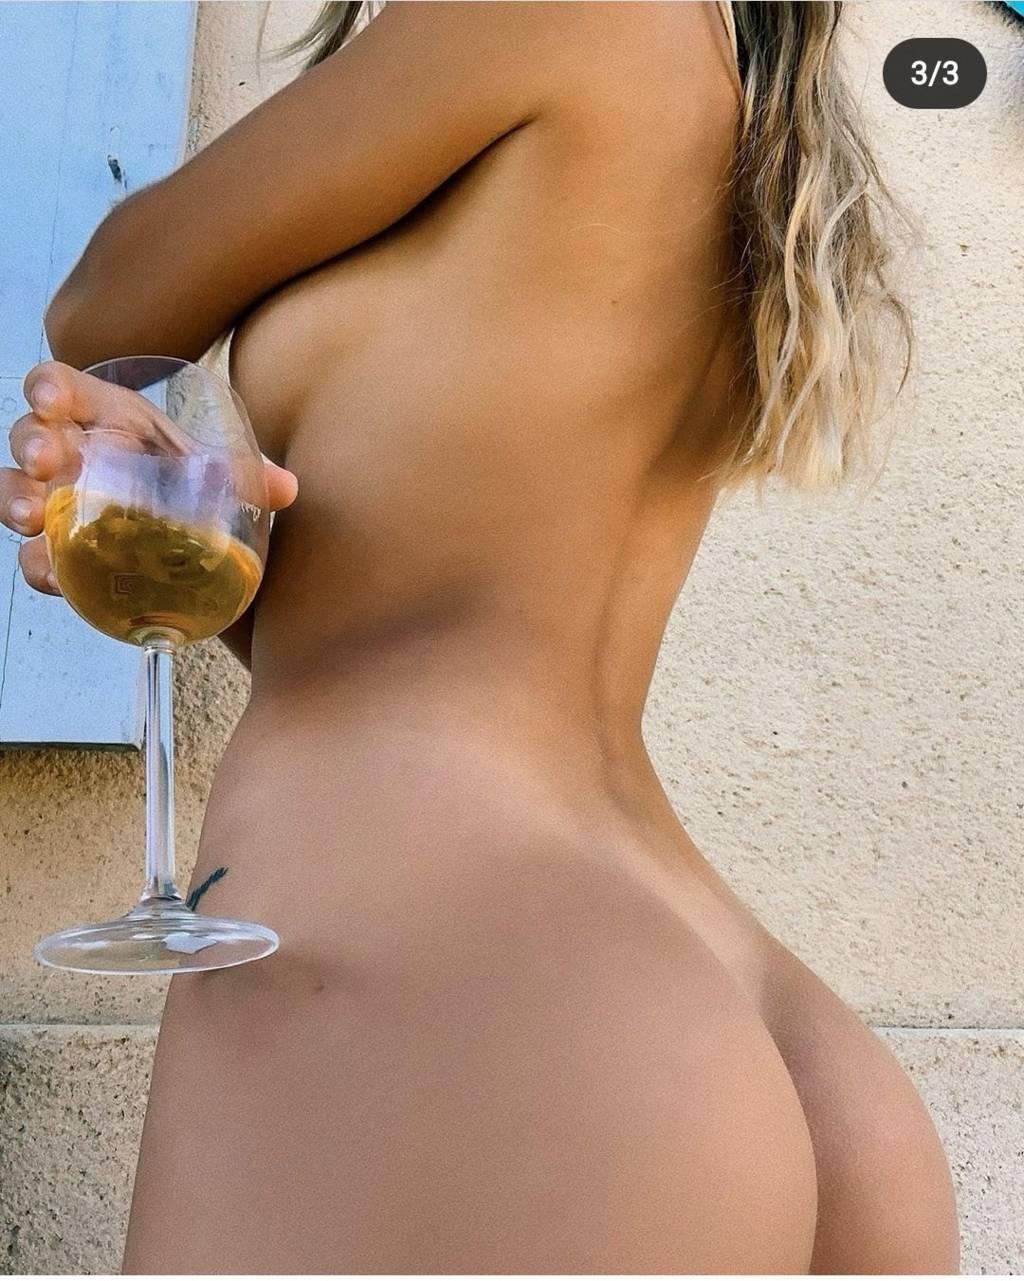 Fit-Naked-Girls-com-Mathilde-Tantot-naked-89